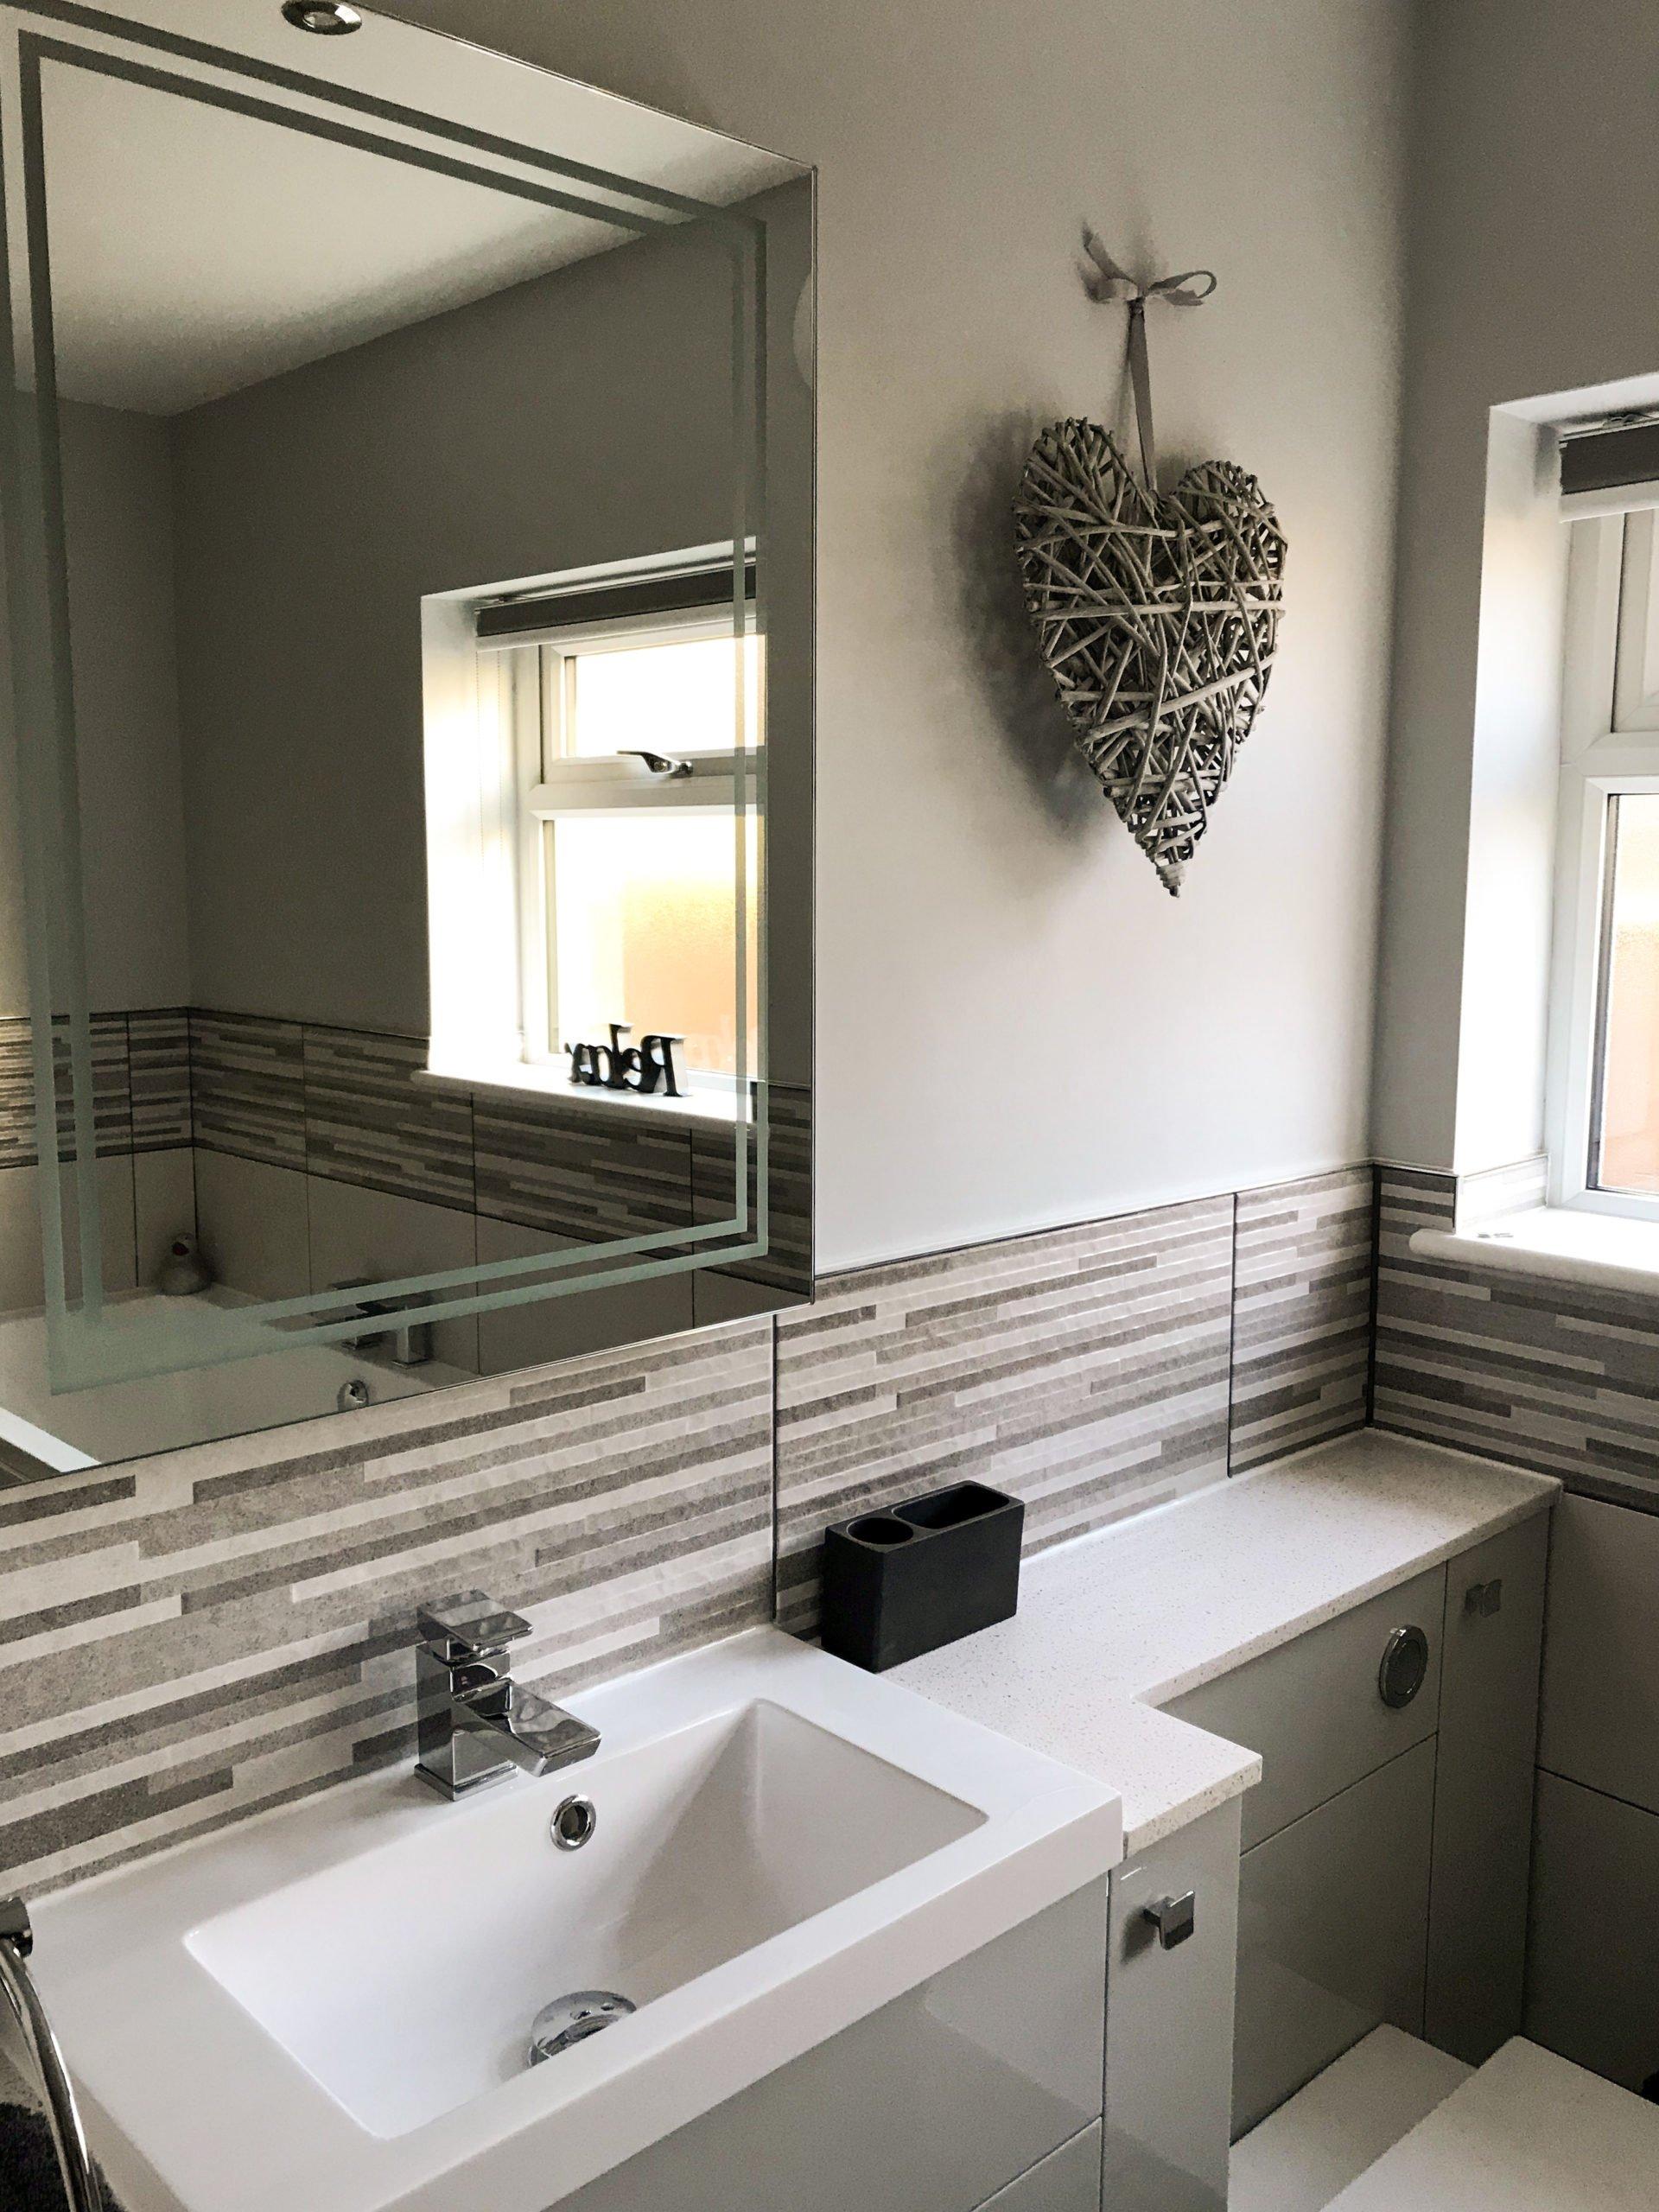 Infinita Glimmer mirror and Bristan basin taps